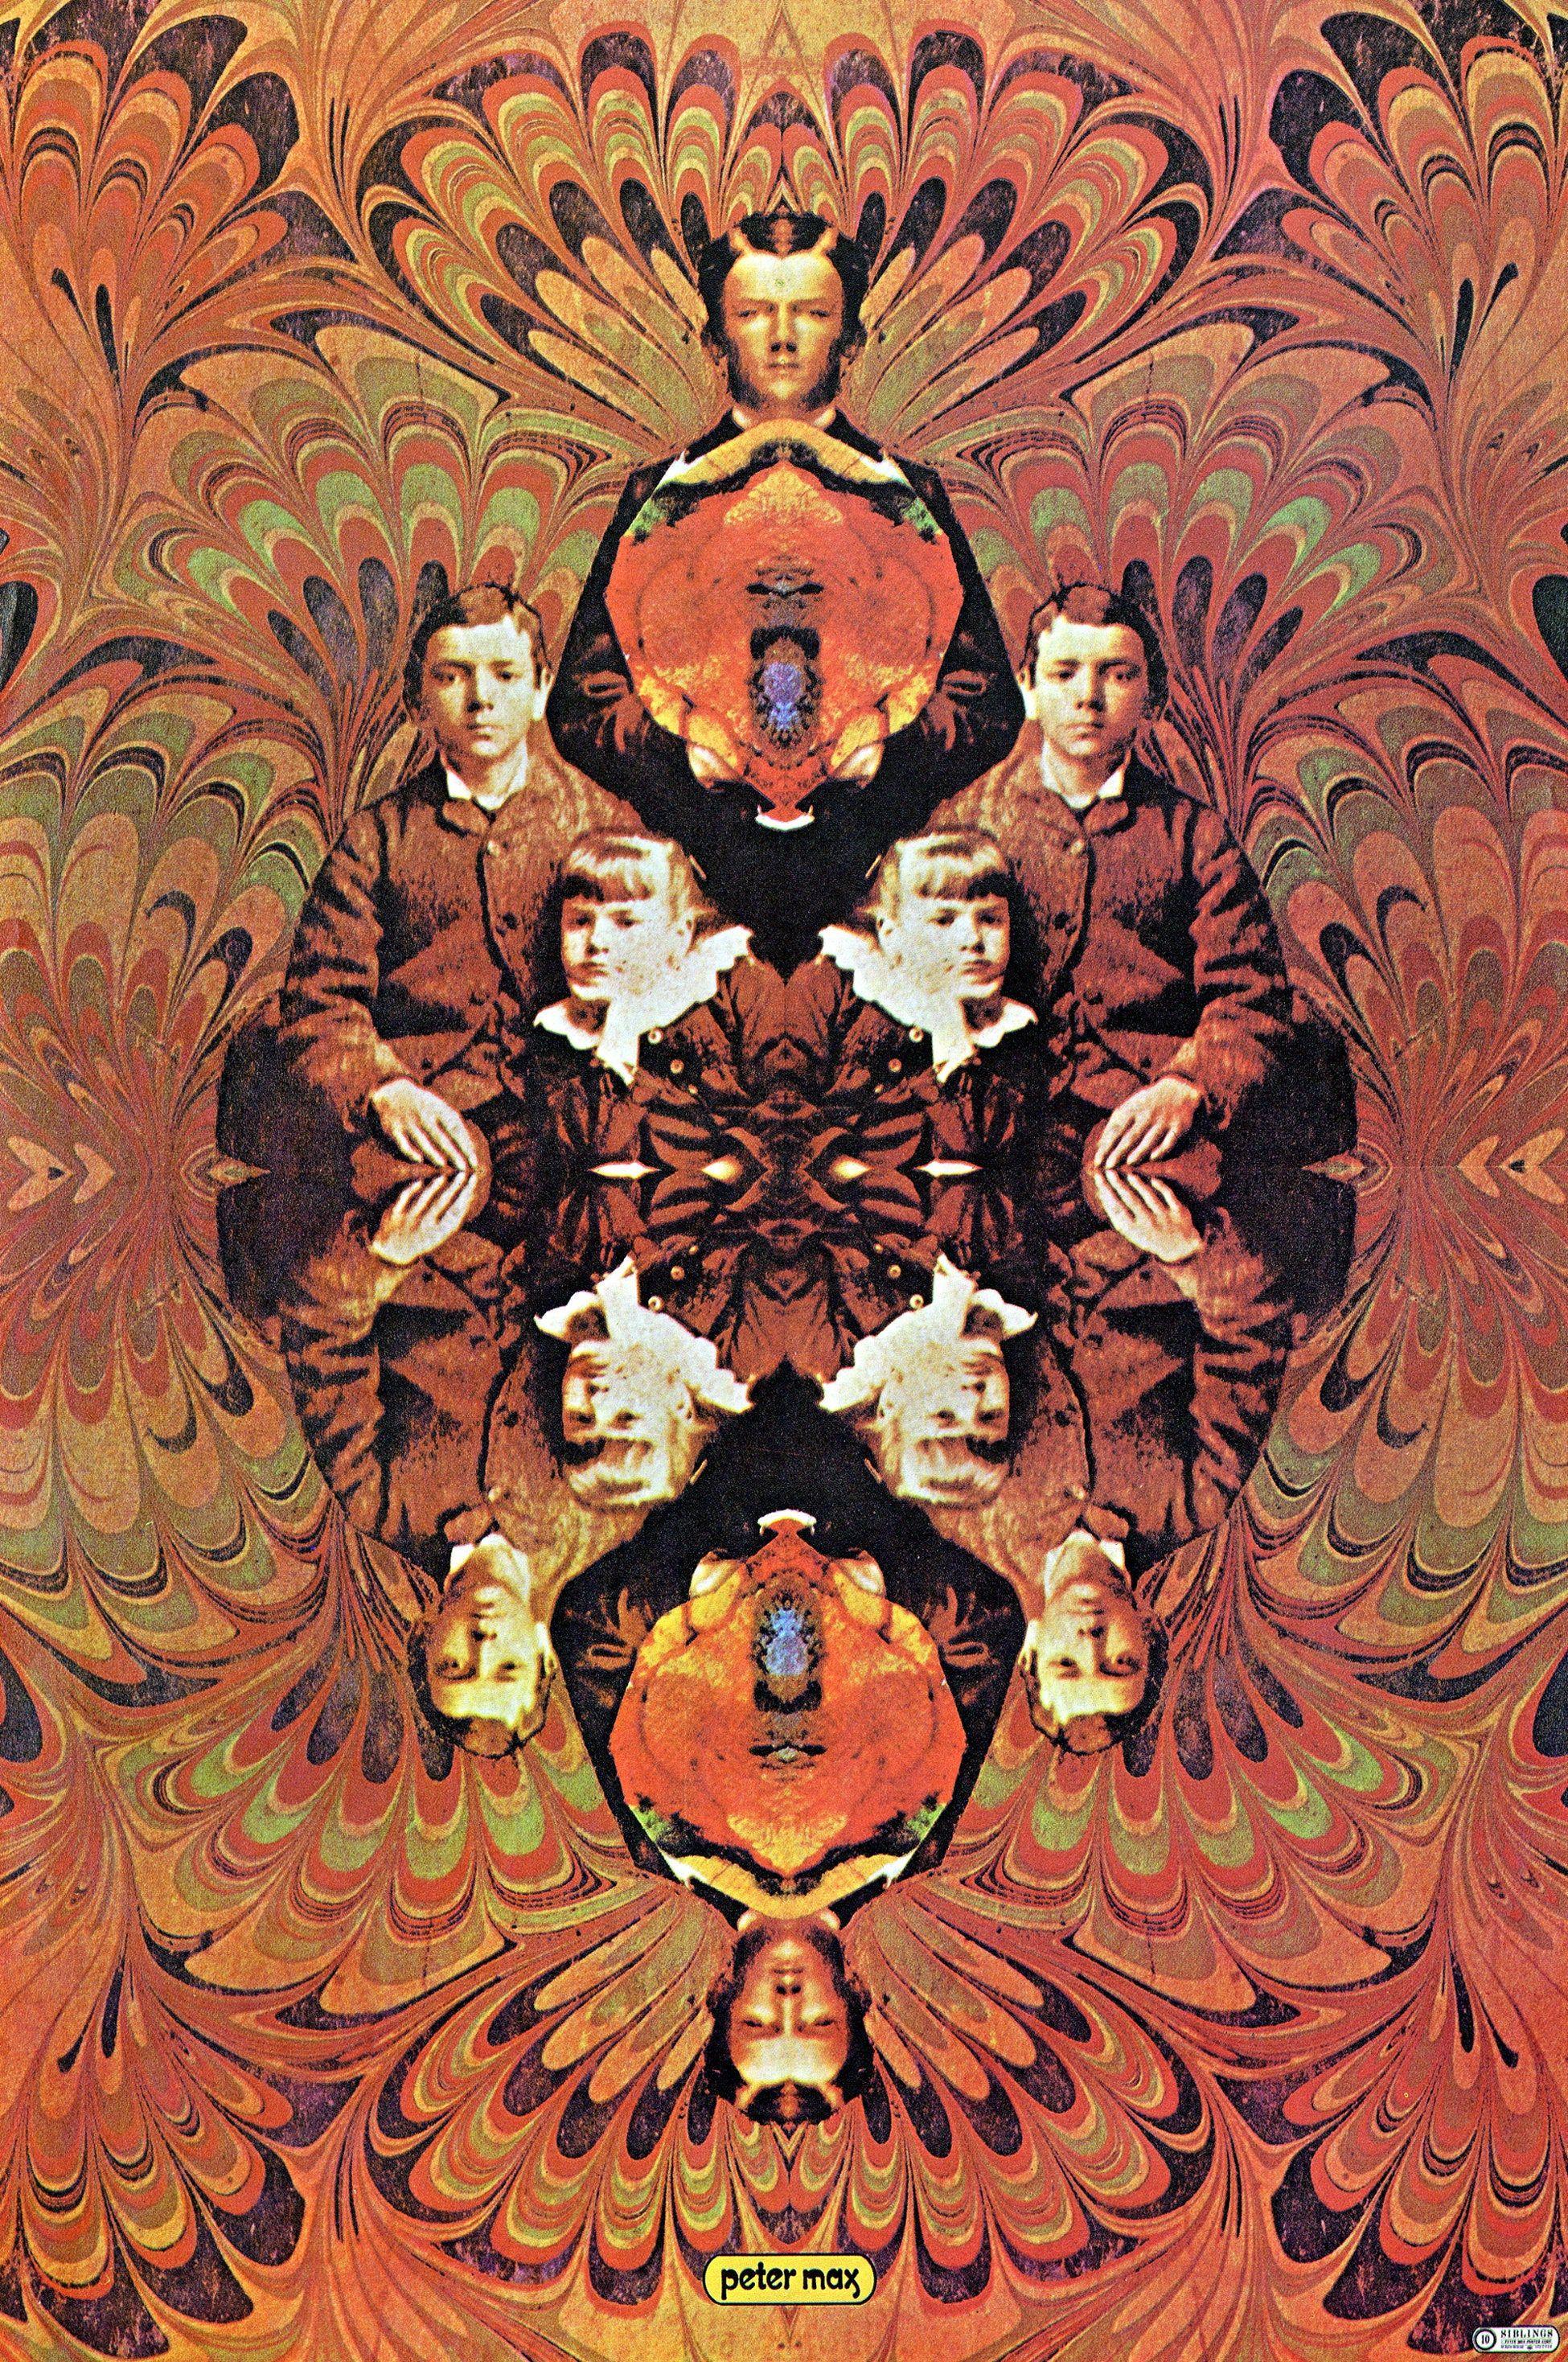 Peter max siblings poster vintage 1970 pop art print